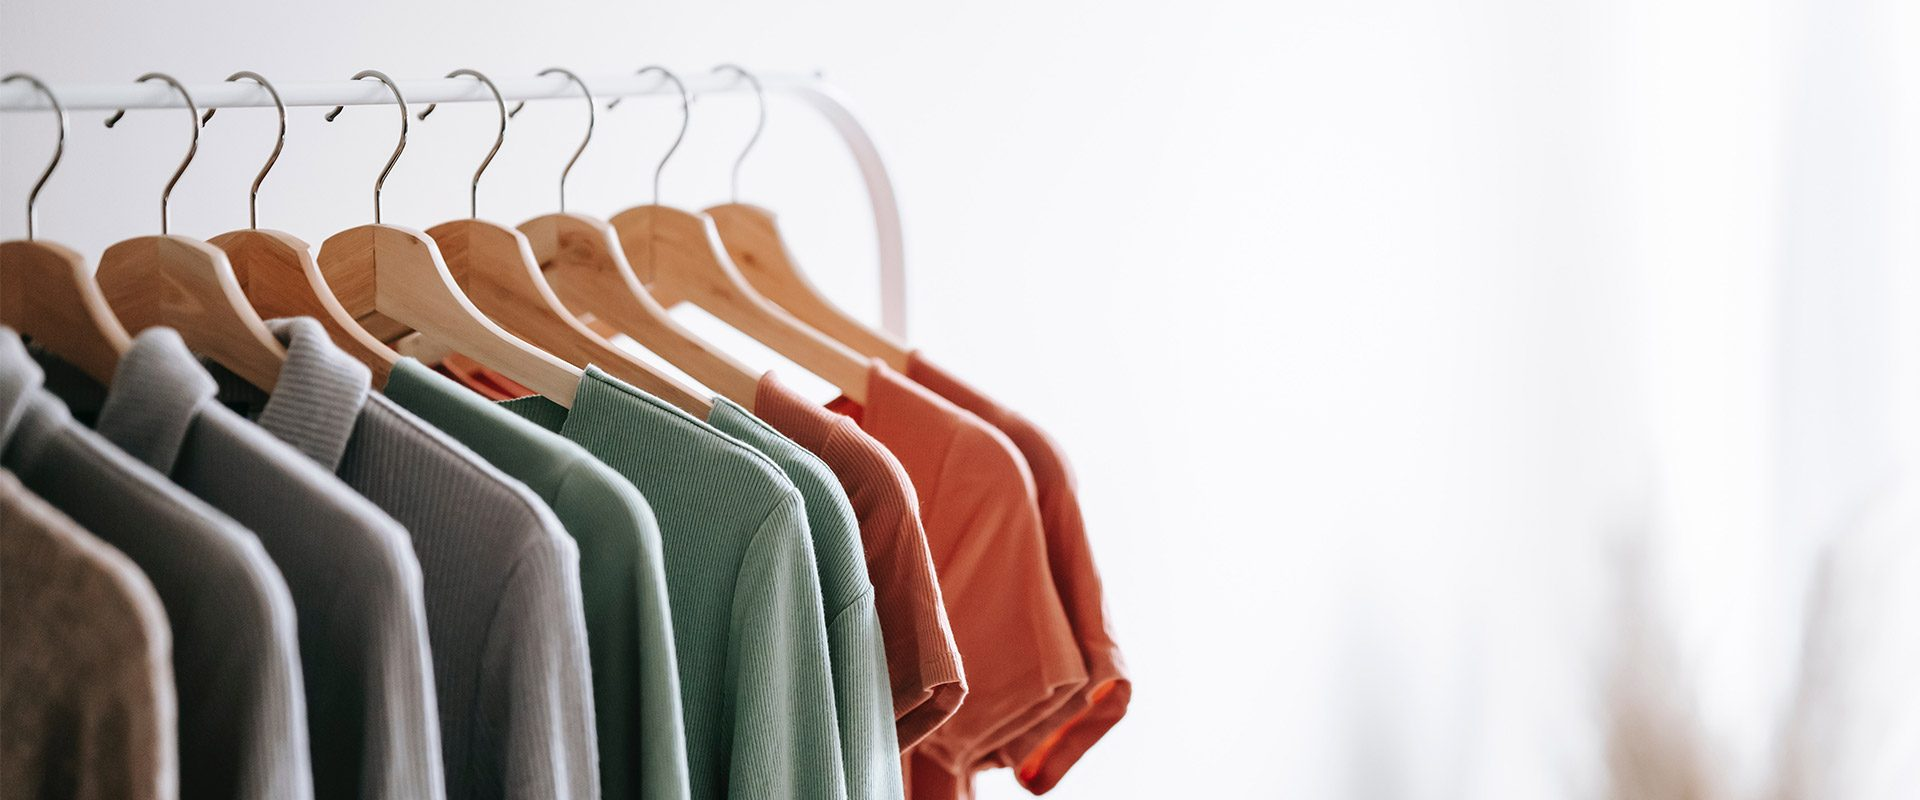 about-vanilla-shop-online-abbigliamento-donna-ecommerce